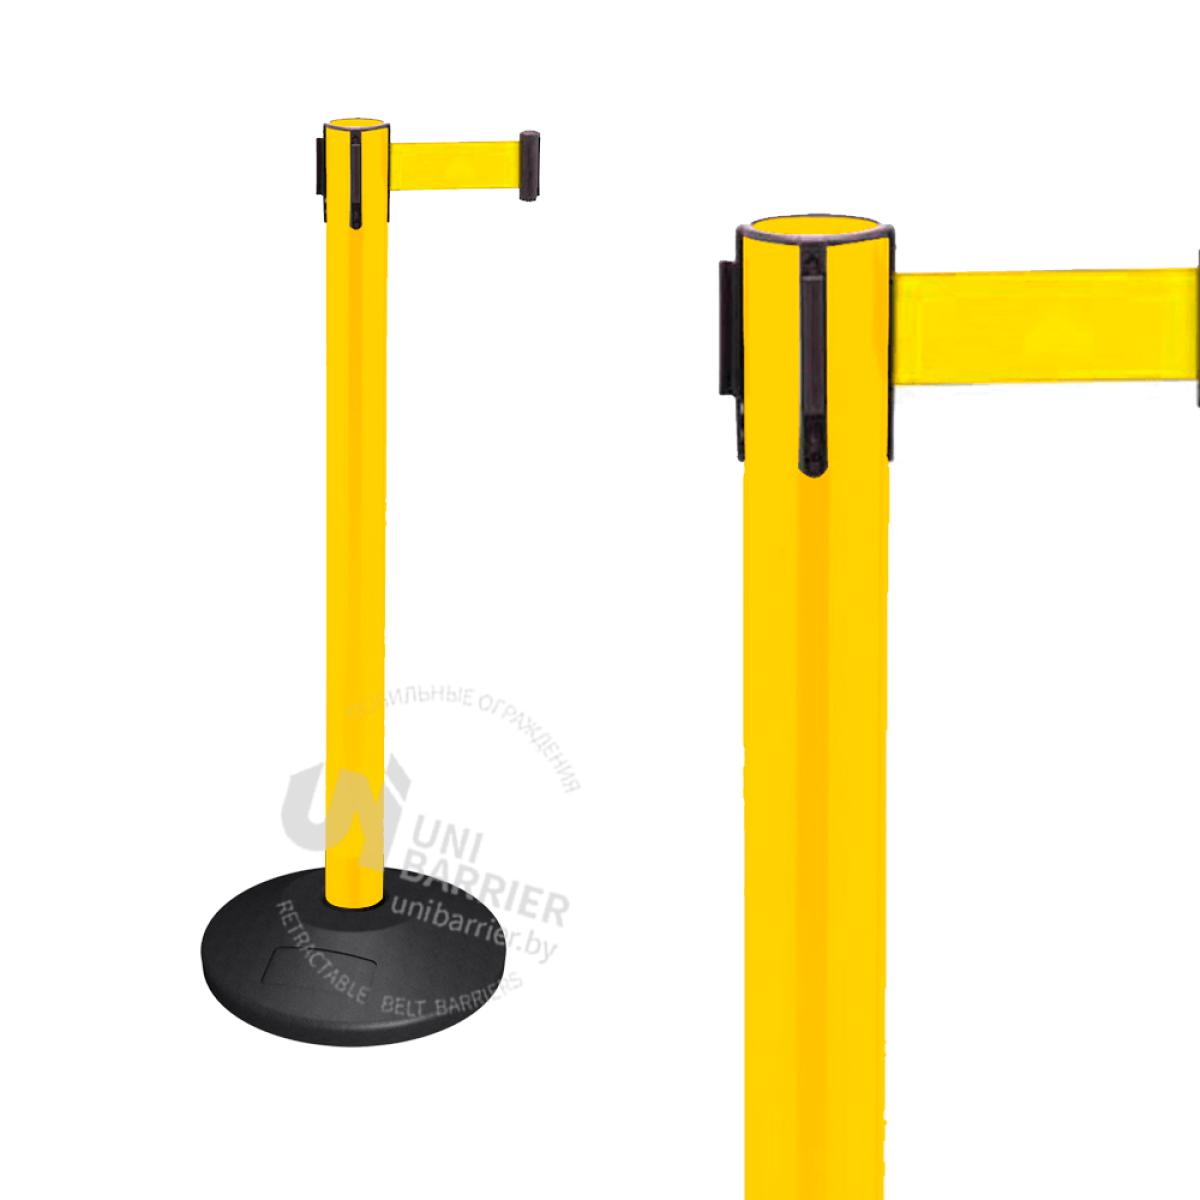 Стойка ограждения пластиковая желтая резиновое основание стандарт желтая лента